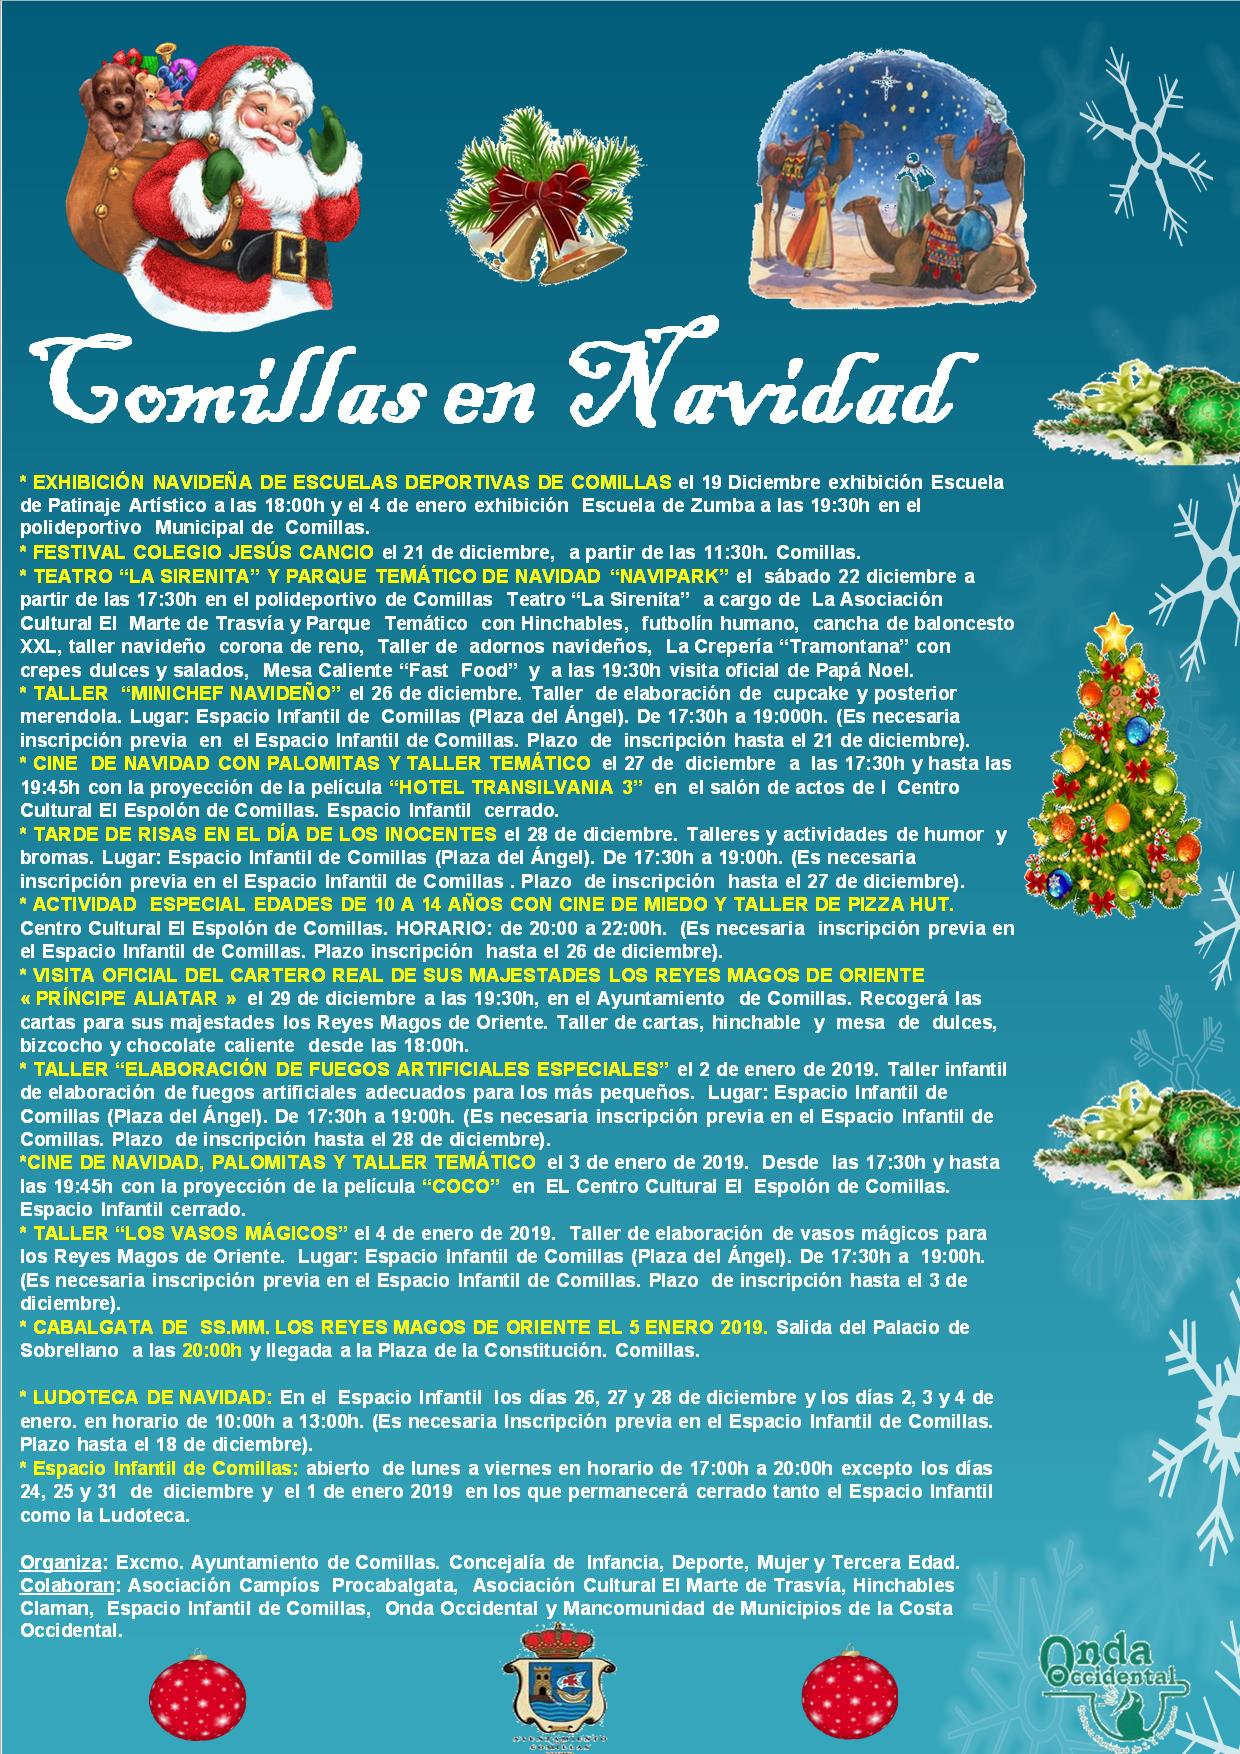 Programa de Navidad 2018 - Comillas (Cantabria)